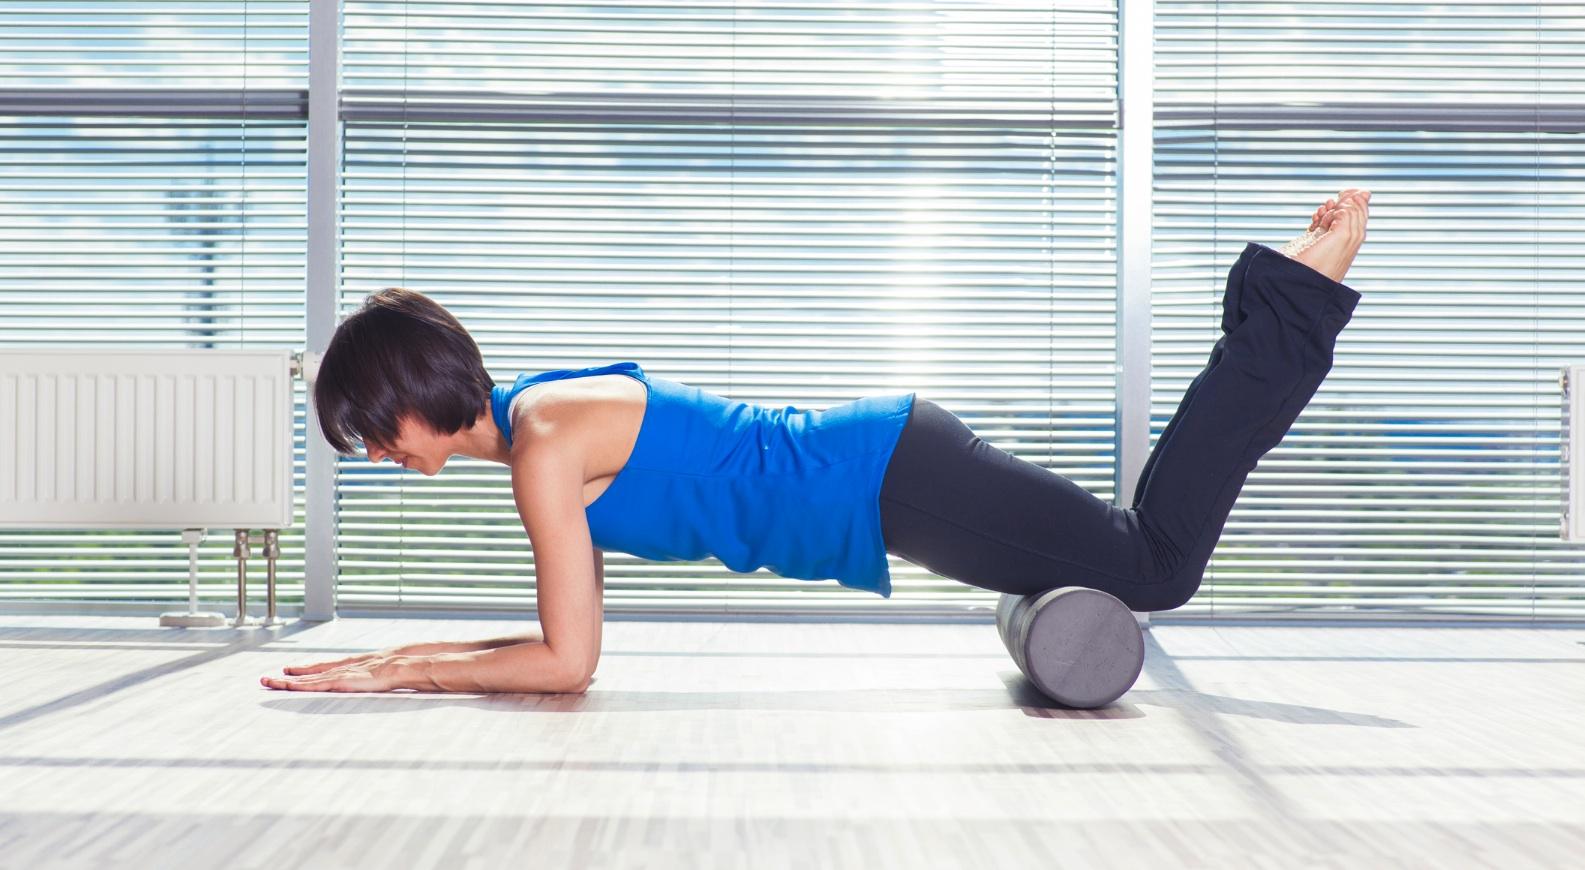 träna samma dag som massage